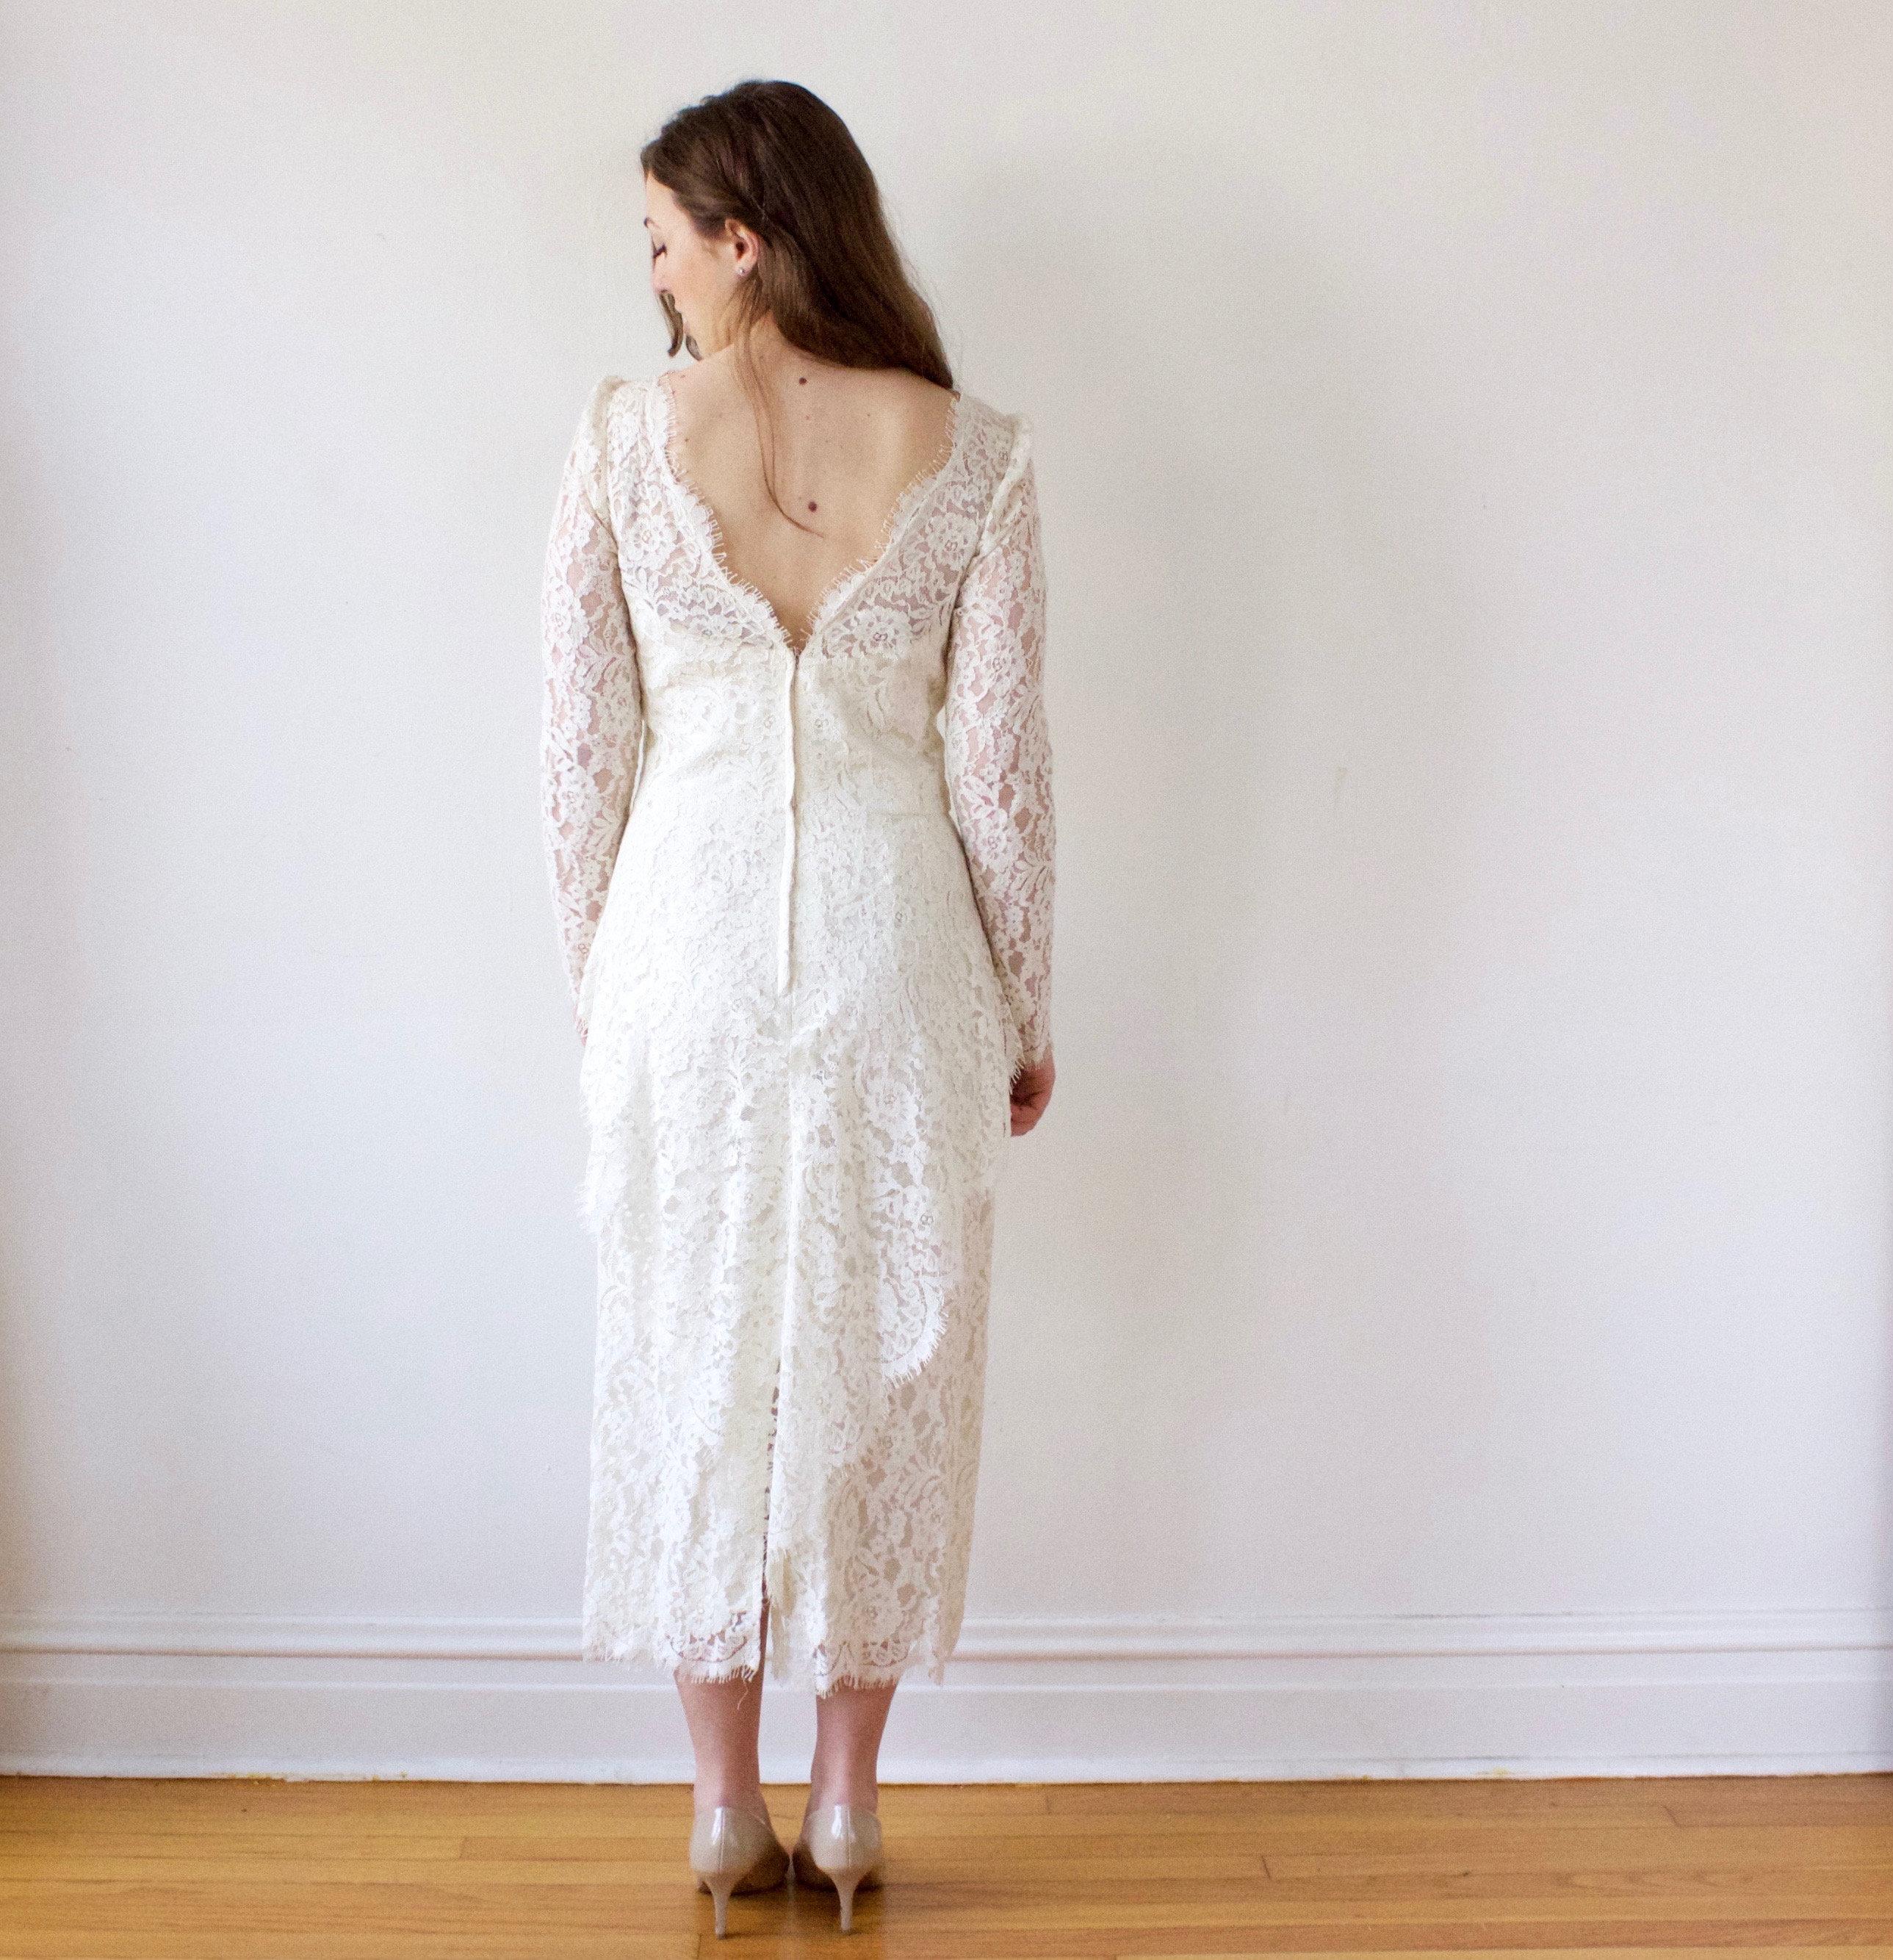 Vintage Tee Länge Spitze Hochzeit Kleid Elfenbein Wollweiß